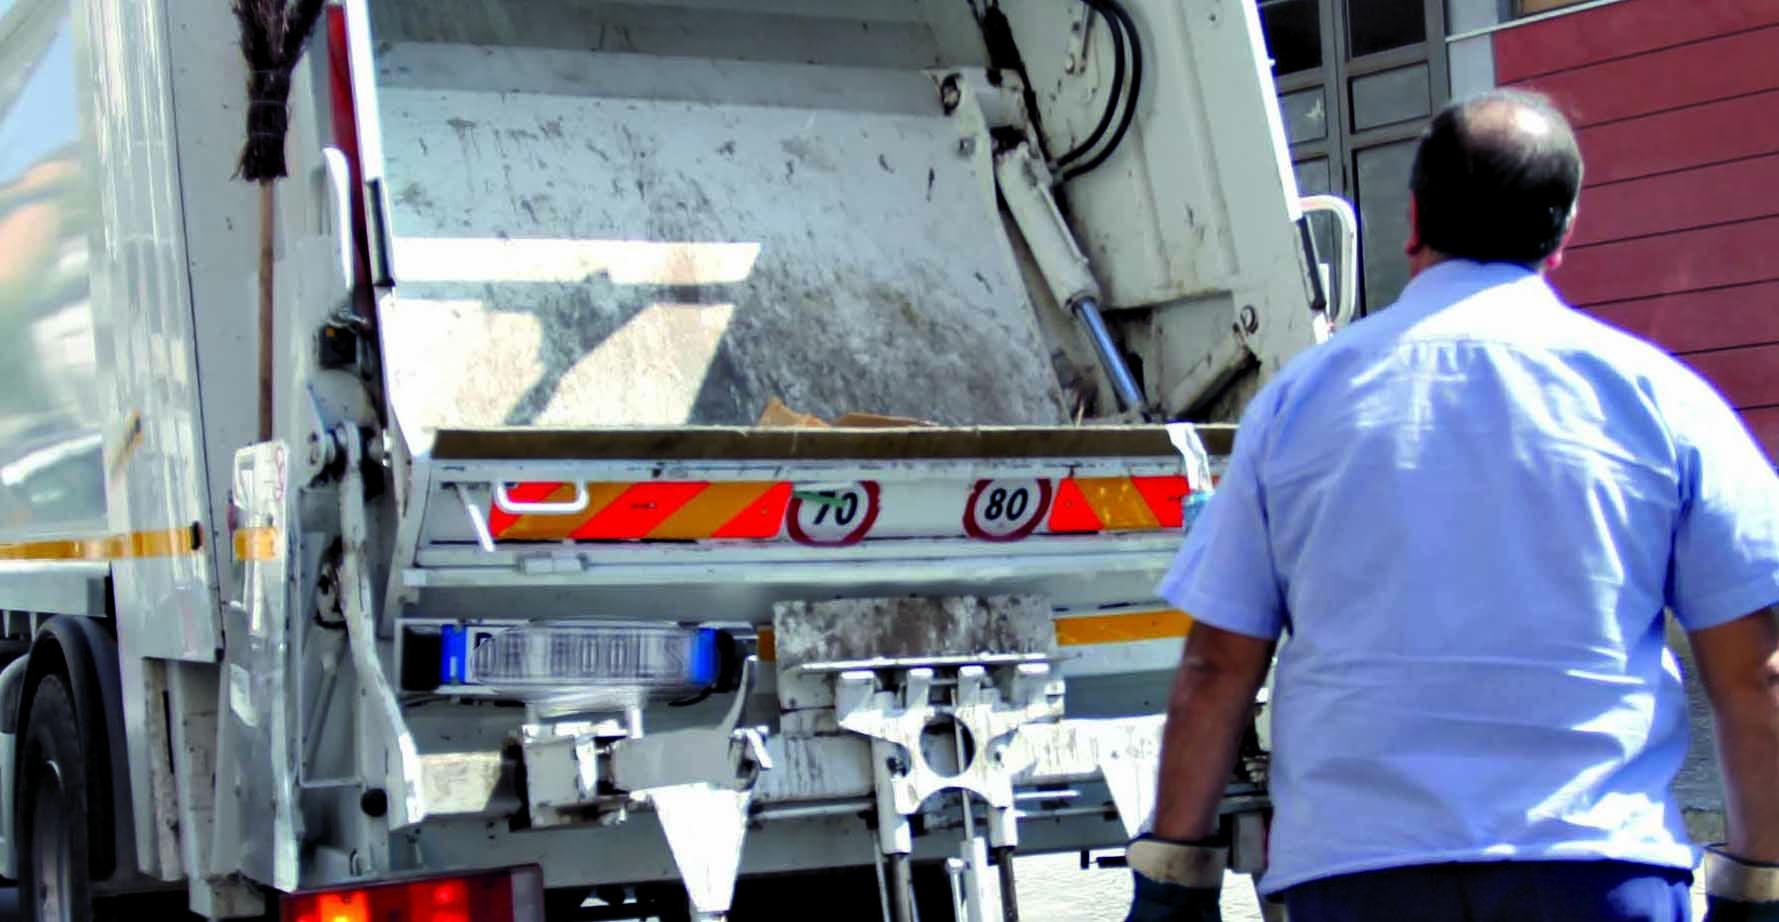 Avellino| Emergenza rifiuti: corsa contro il tempo